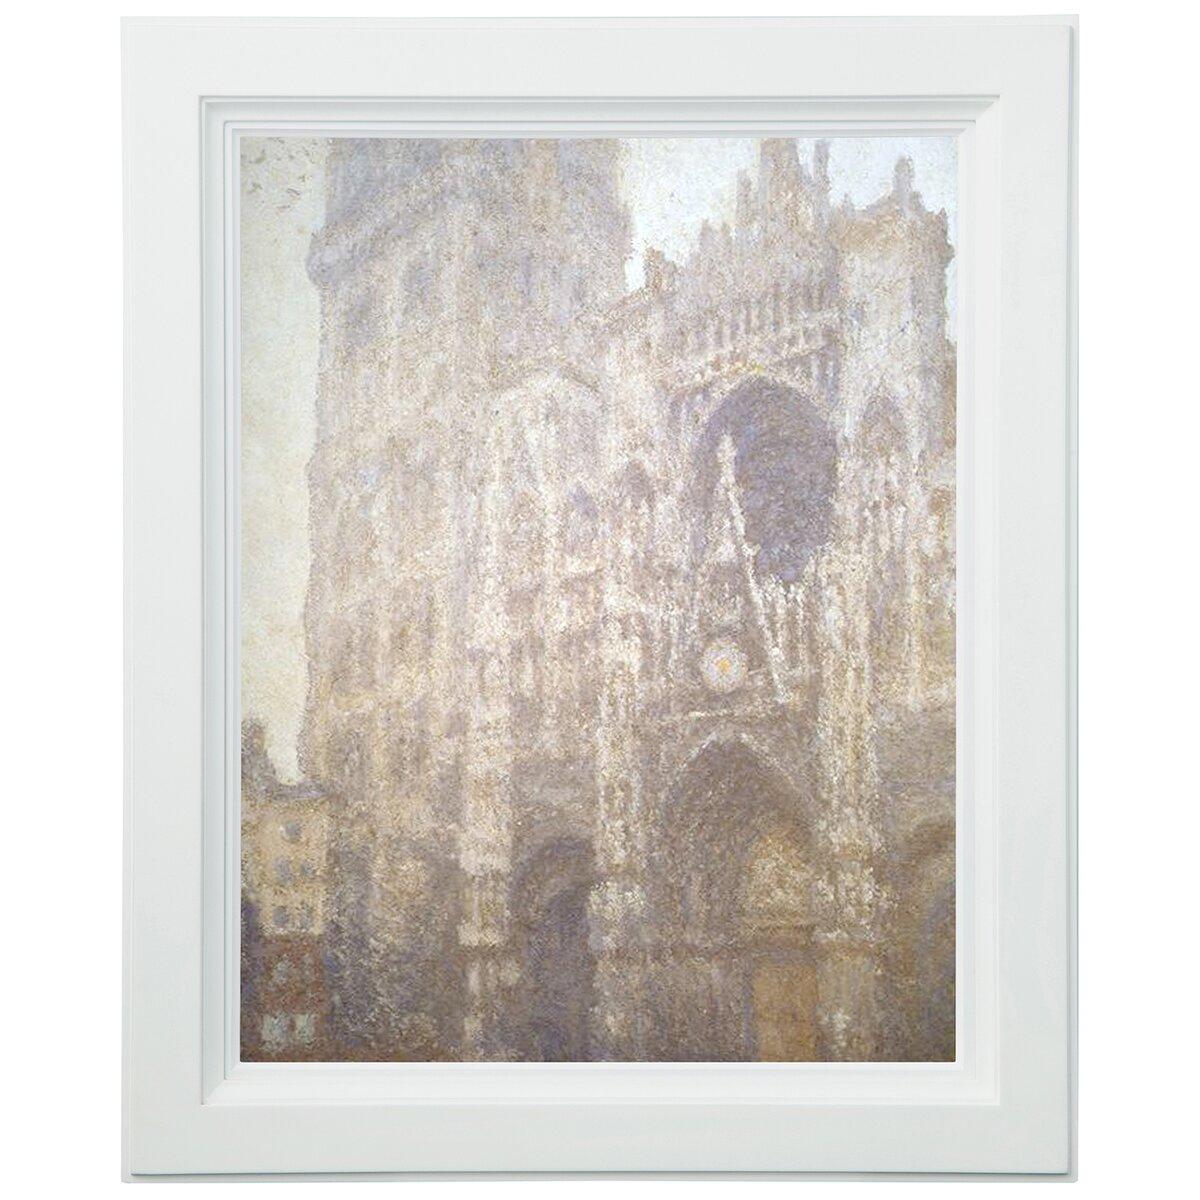 ラーソン・ジュール 油絵用額縁 A260 SM ホワイト